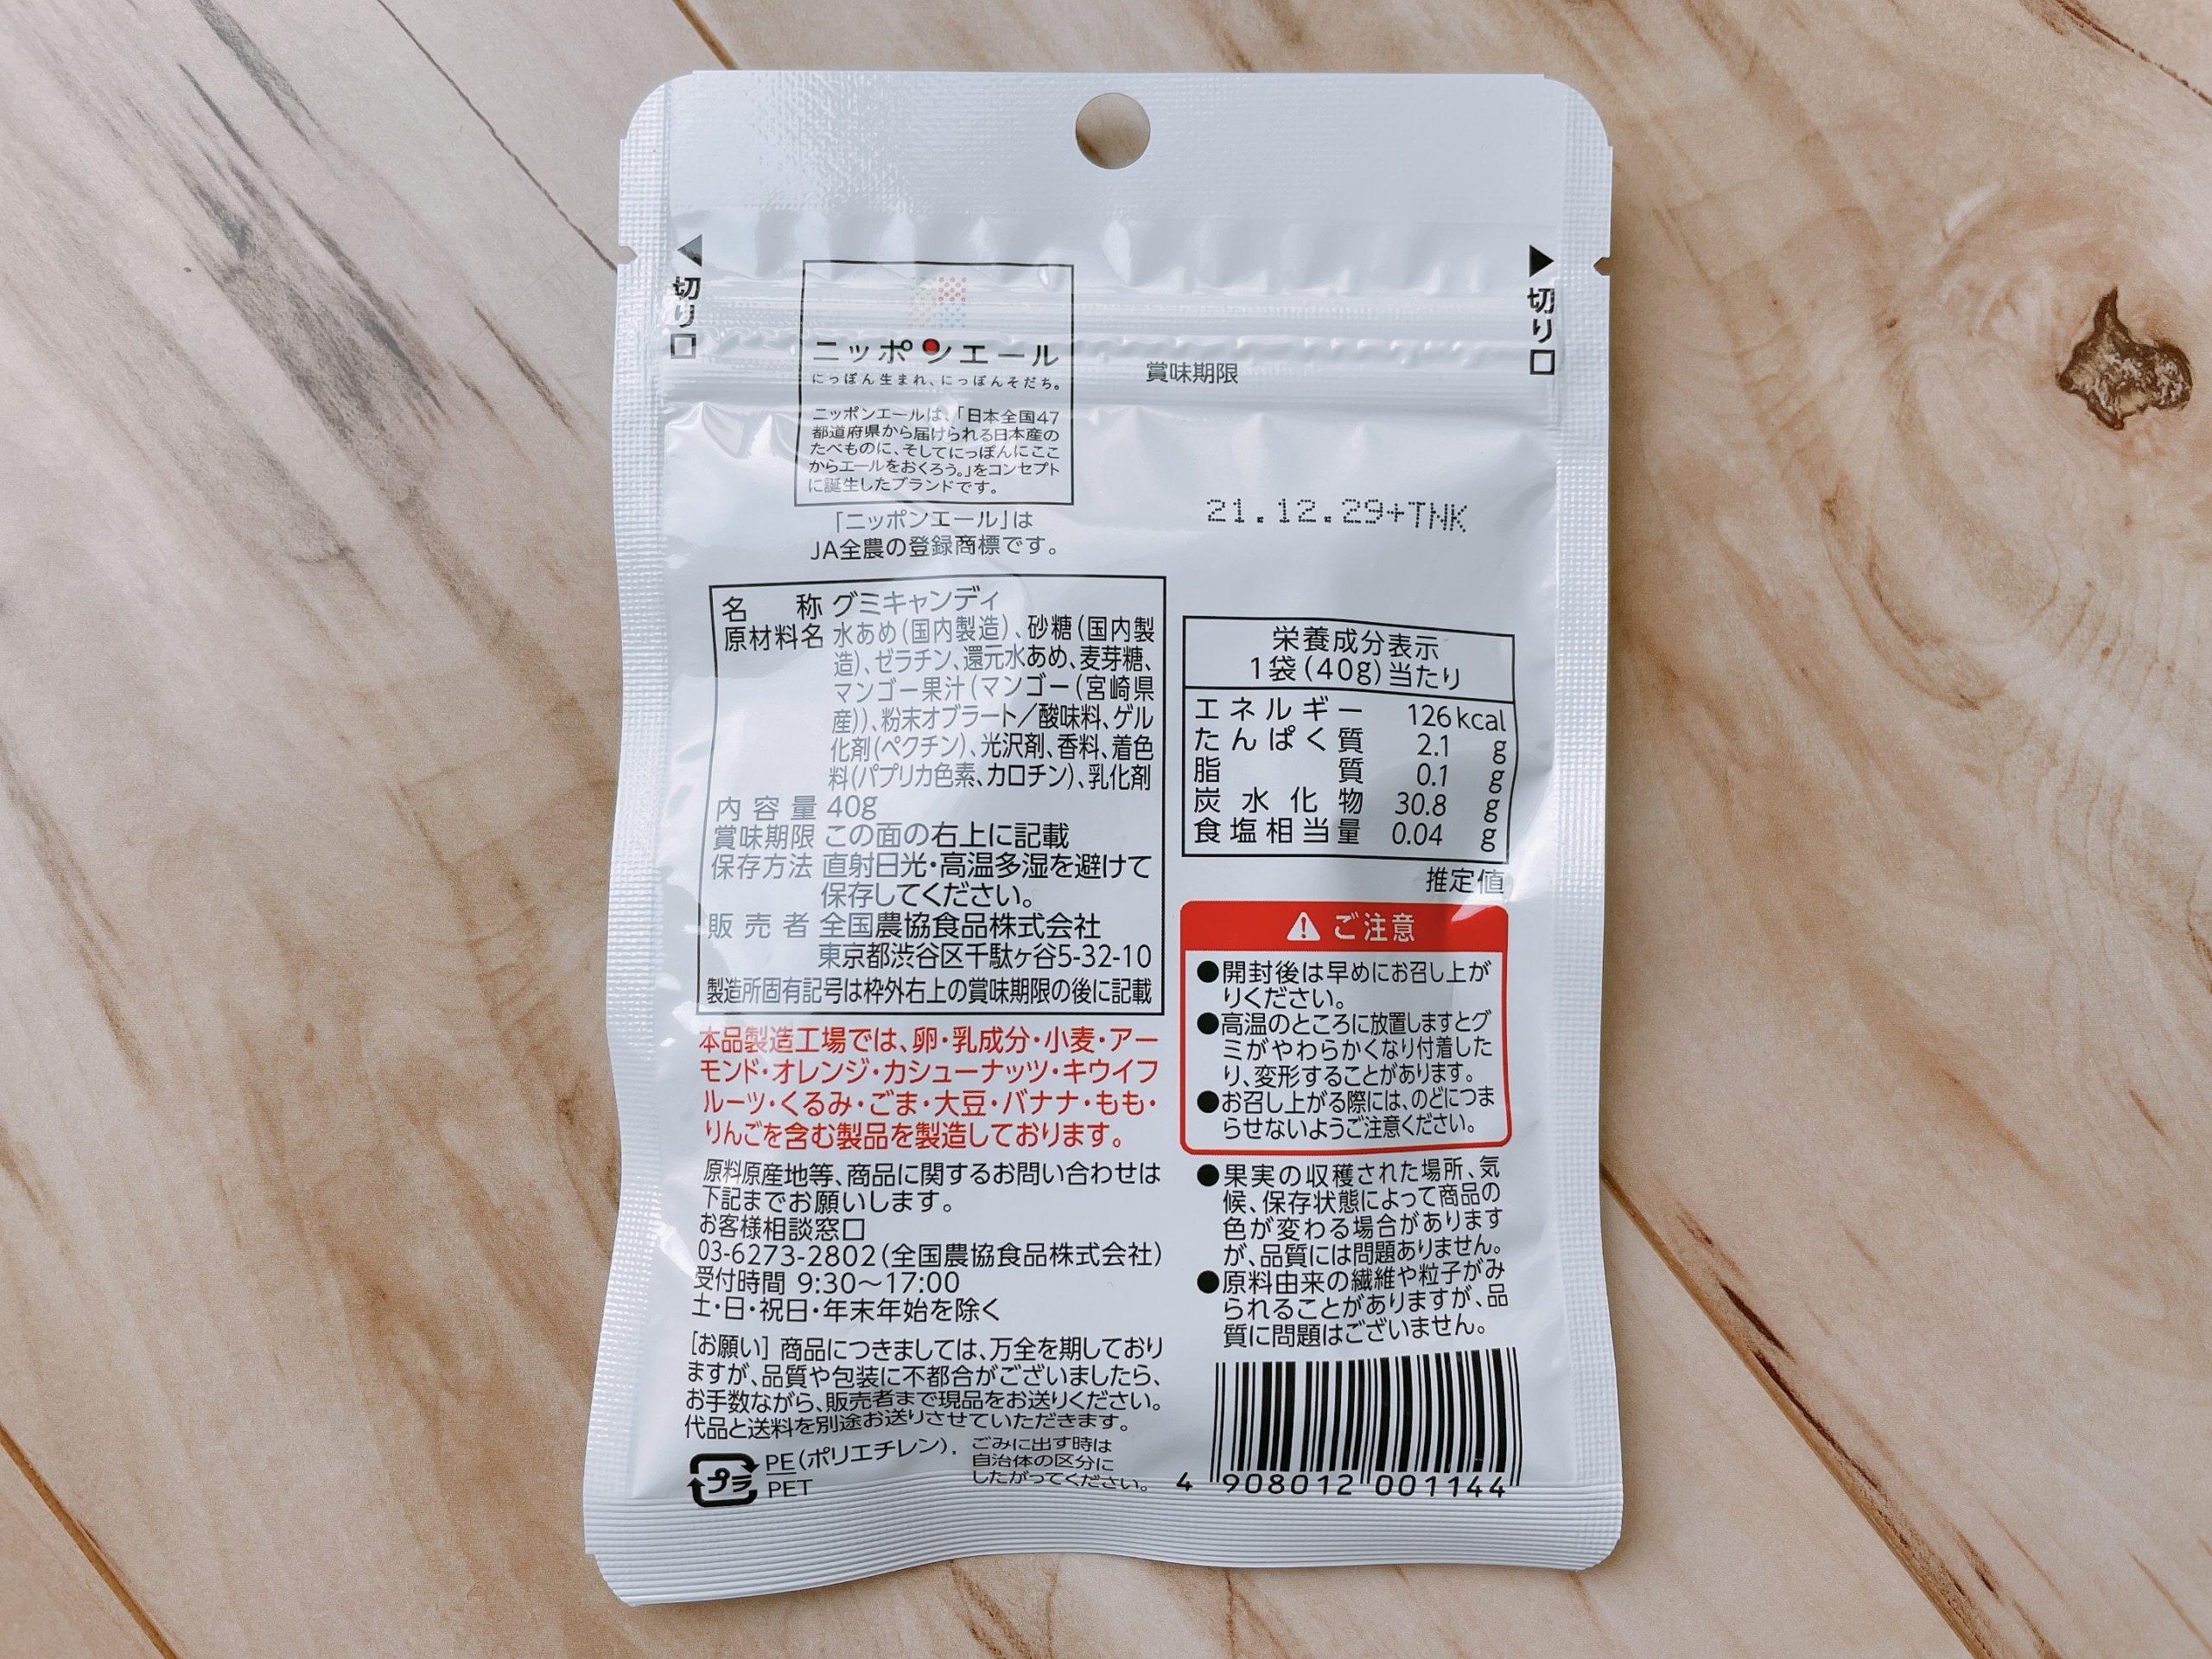 ニッポンエールの宮崎県産マンゴーグミ原材料やカロリーなど